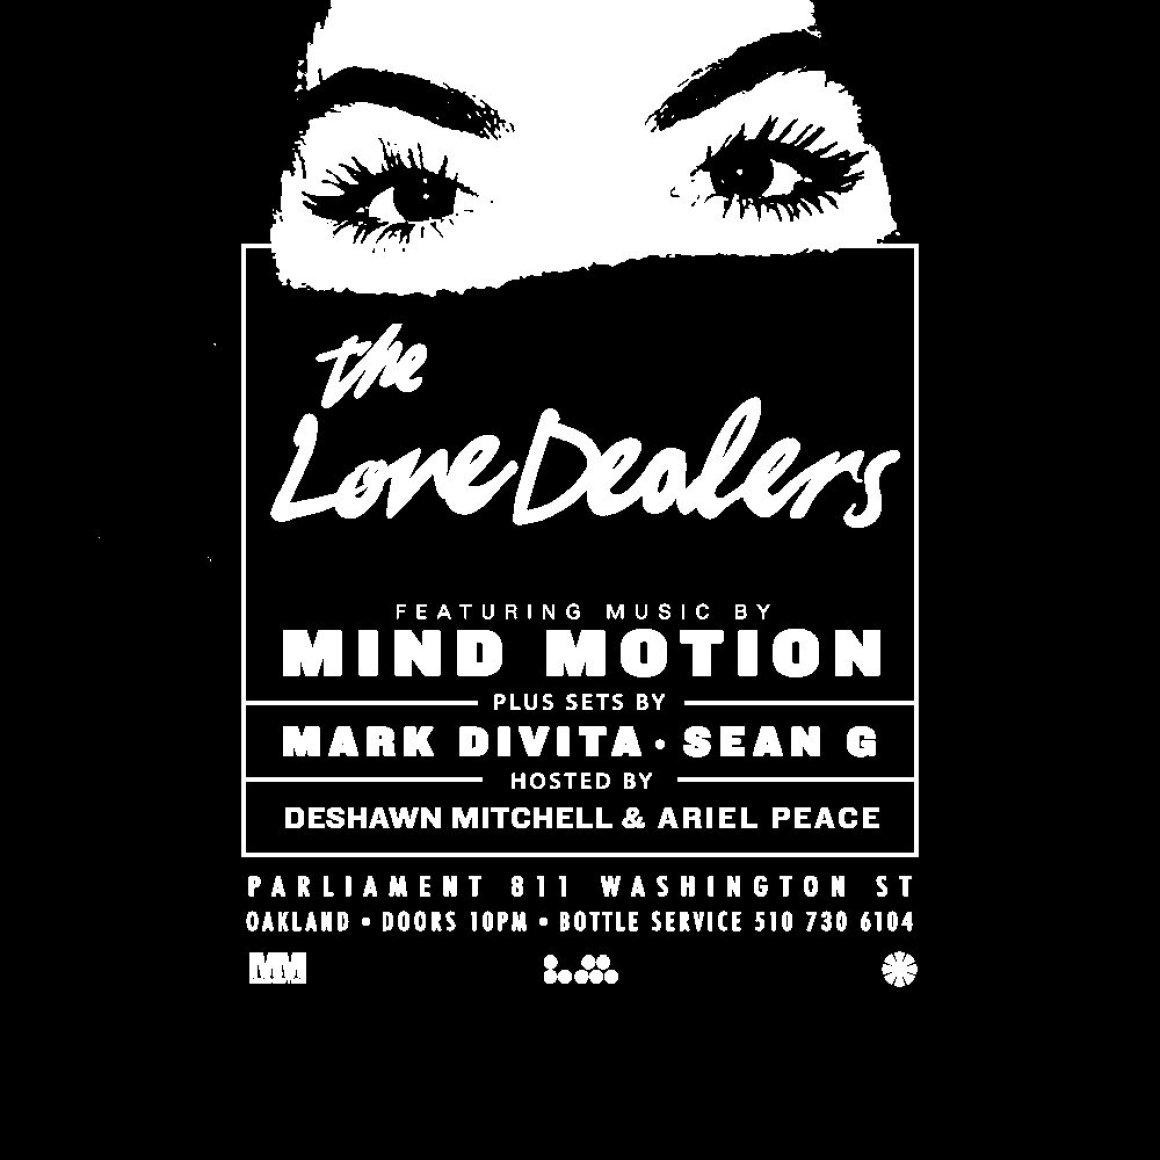 LoveDealers4